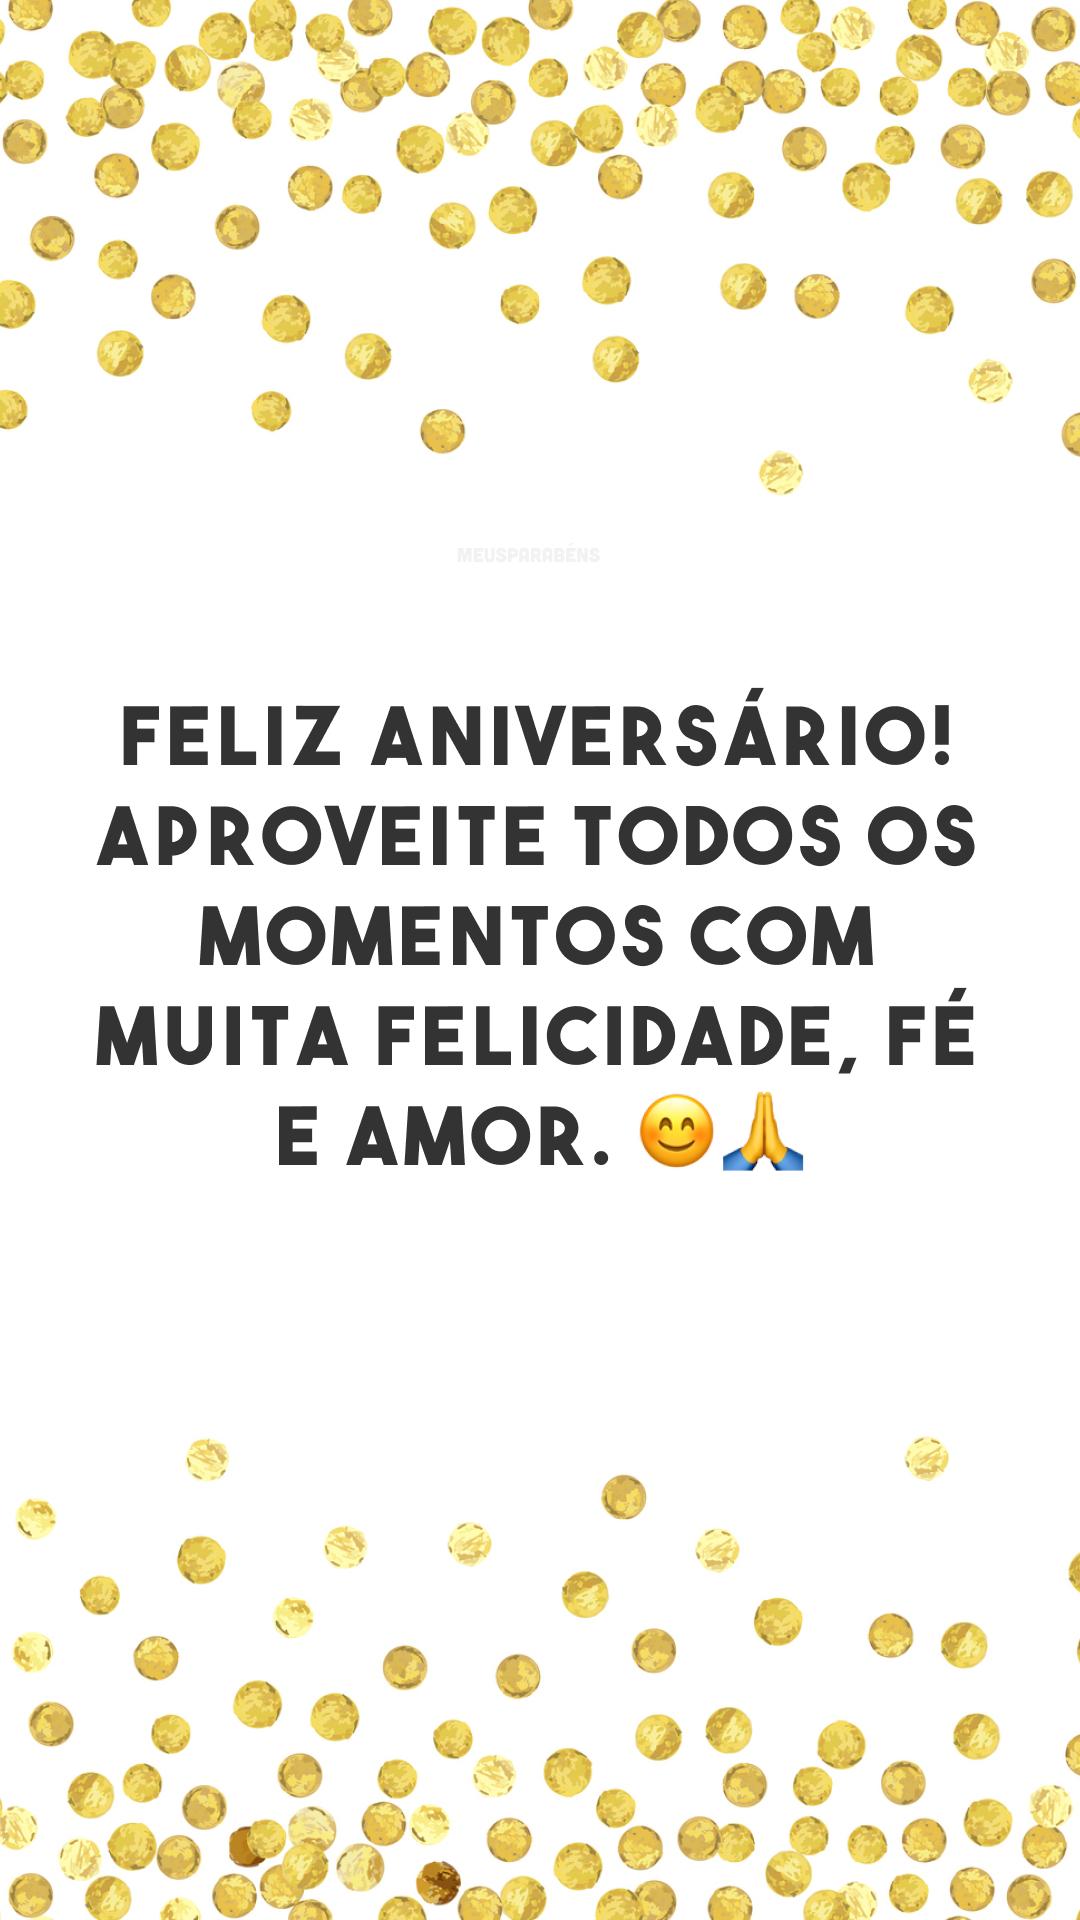 Feliz aniversário! Aproveite todos os momentos com muita felicidade, fé e amor. 😊🙏